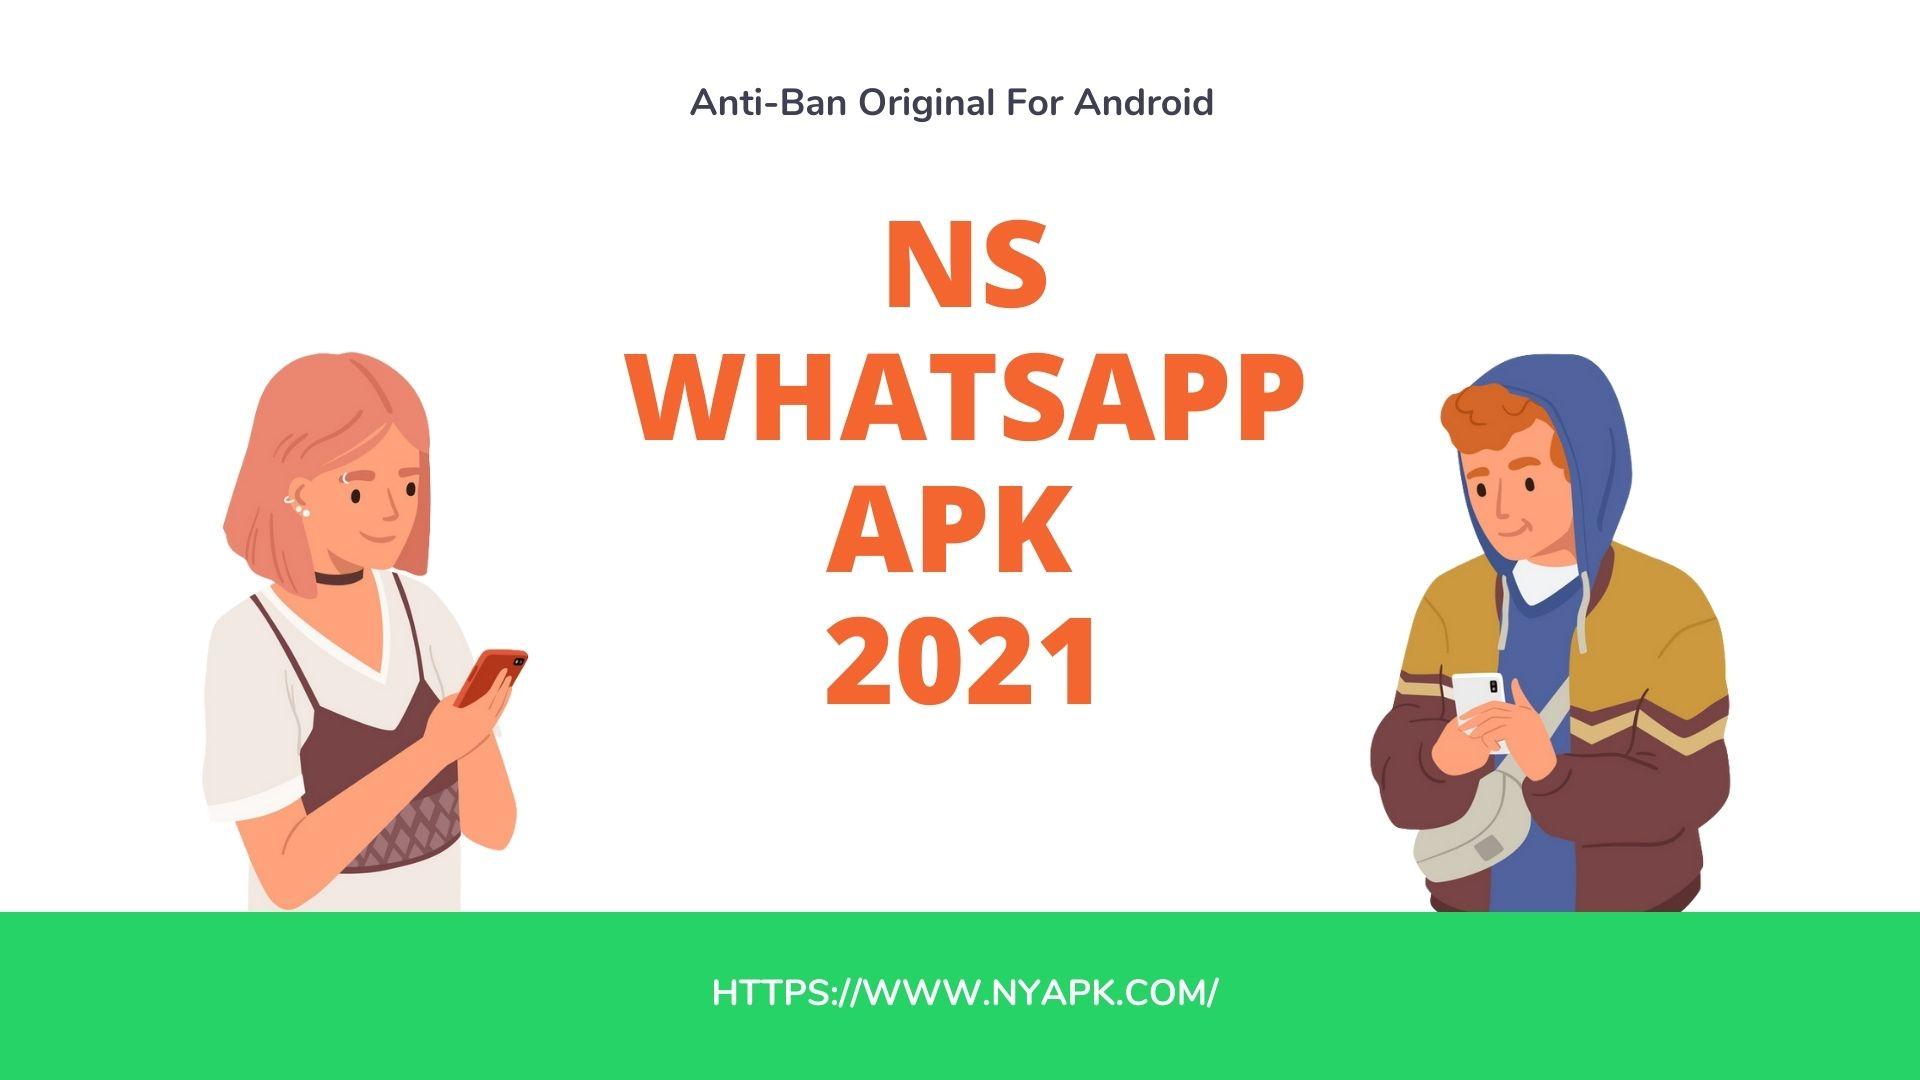 NS WhatsApp APK